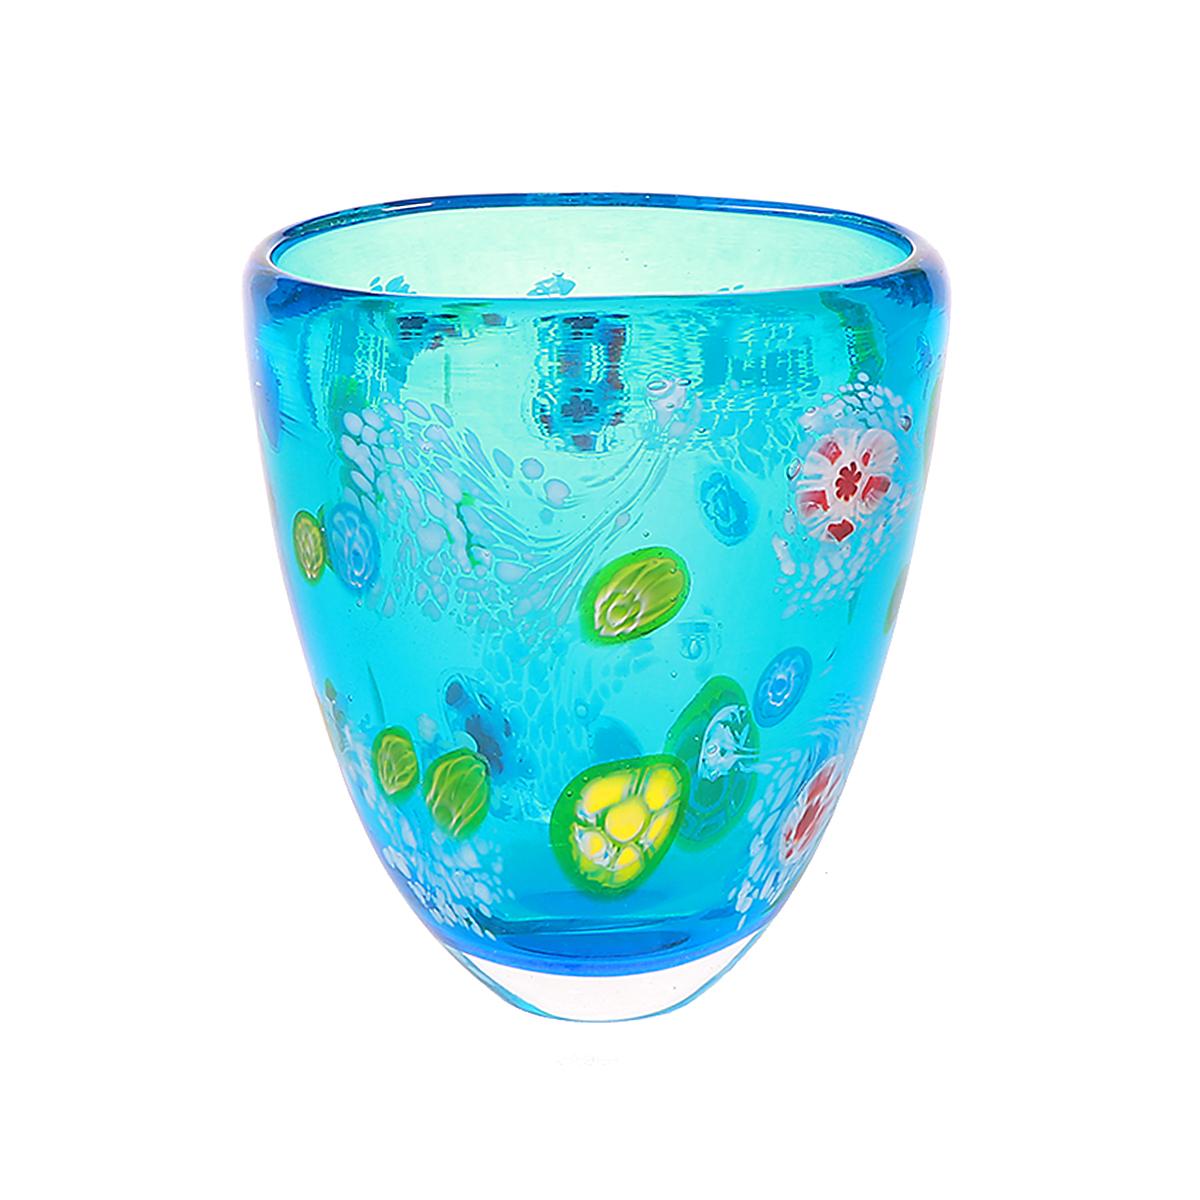 Ваза Art glass Водопад 18 см